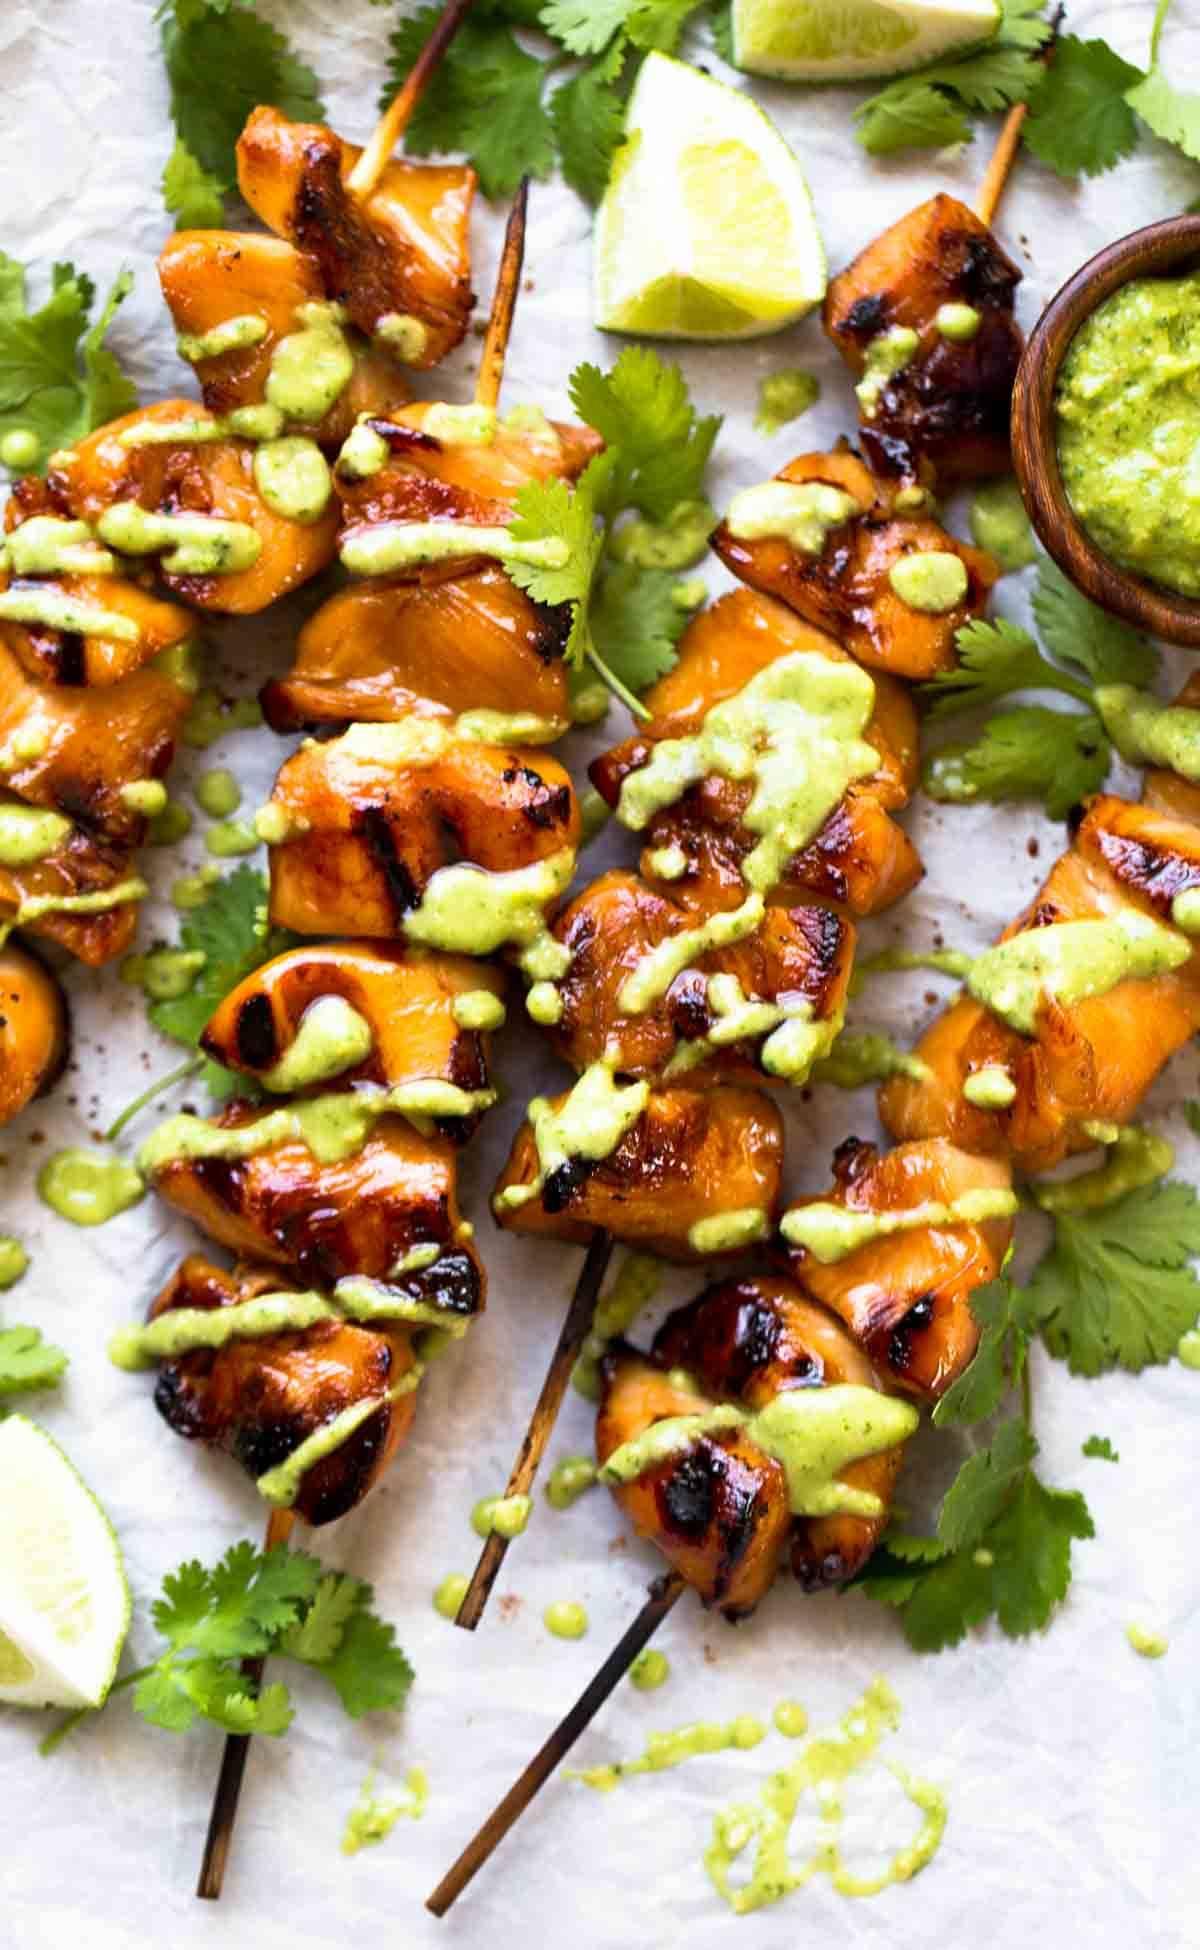 The Best 3 Ingredient Grilled Chicken Recipe - Pinch of Yum